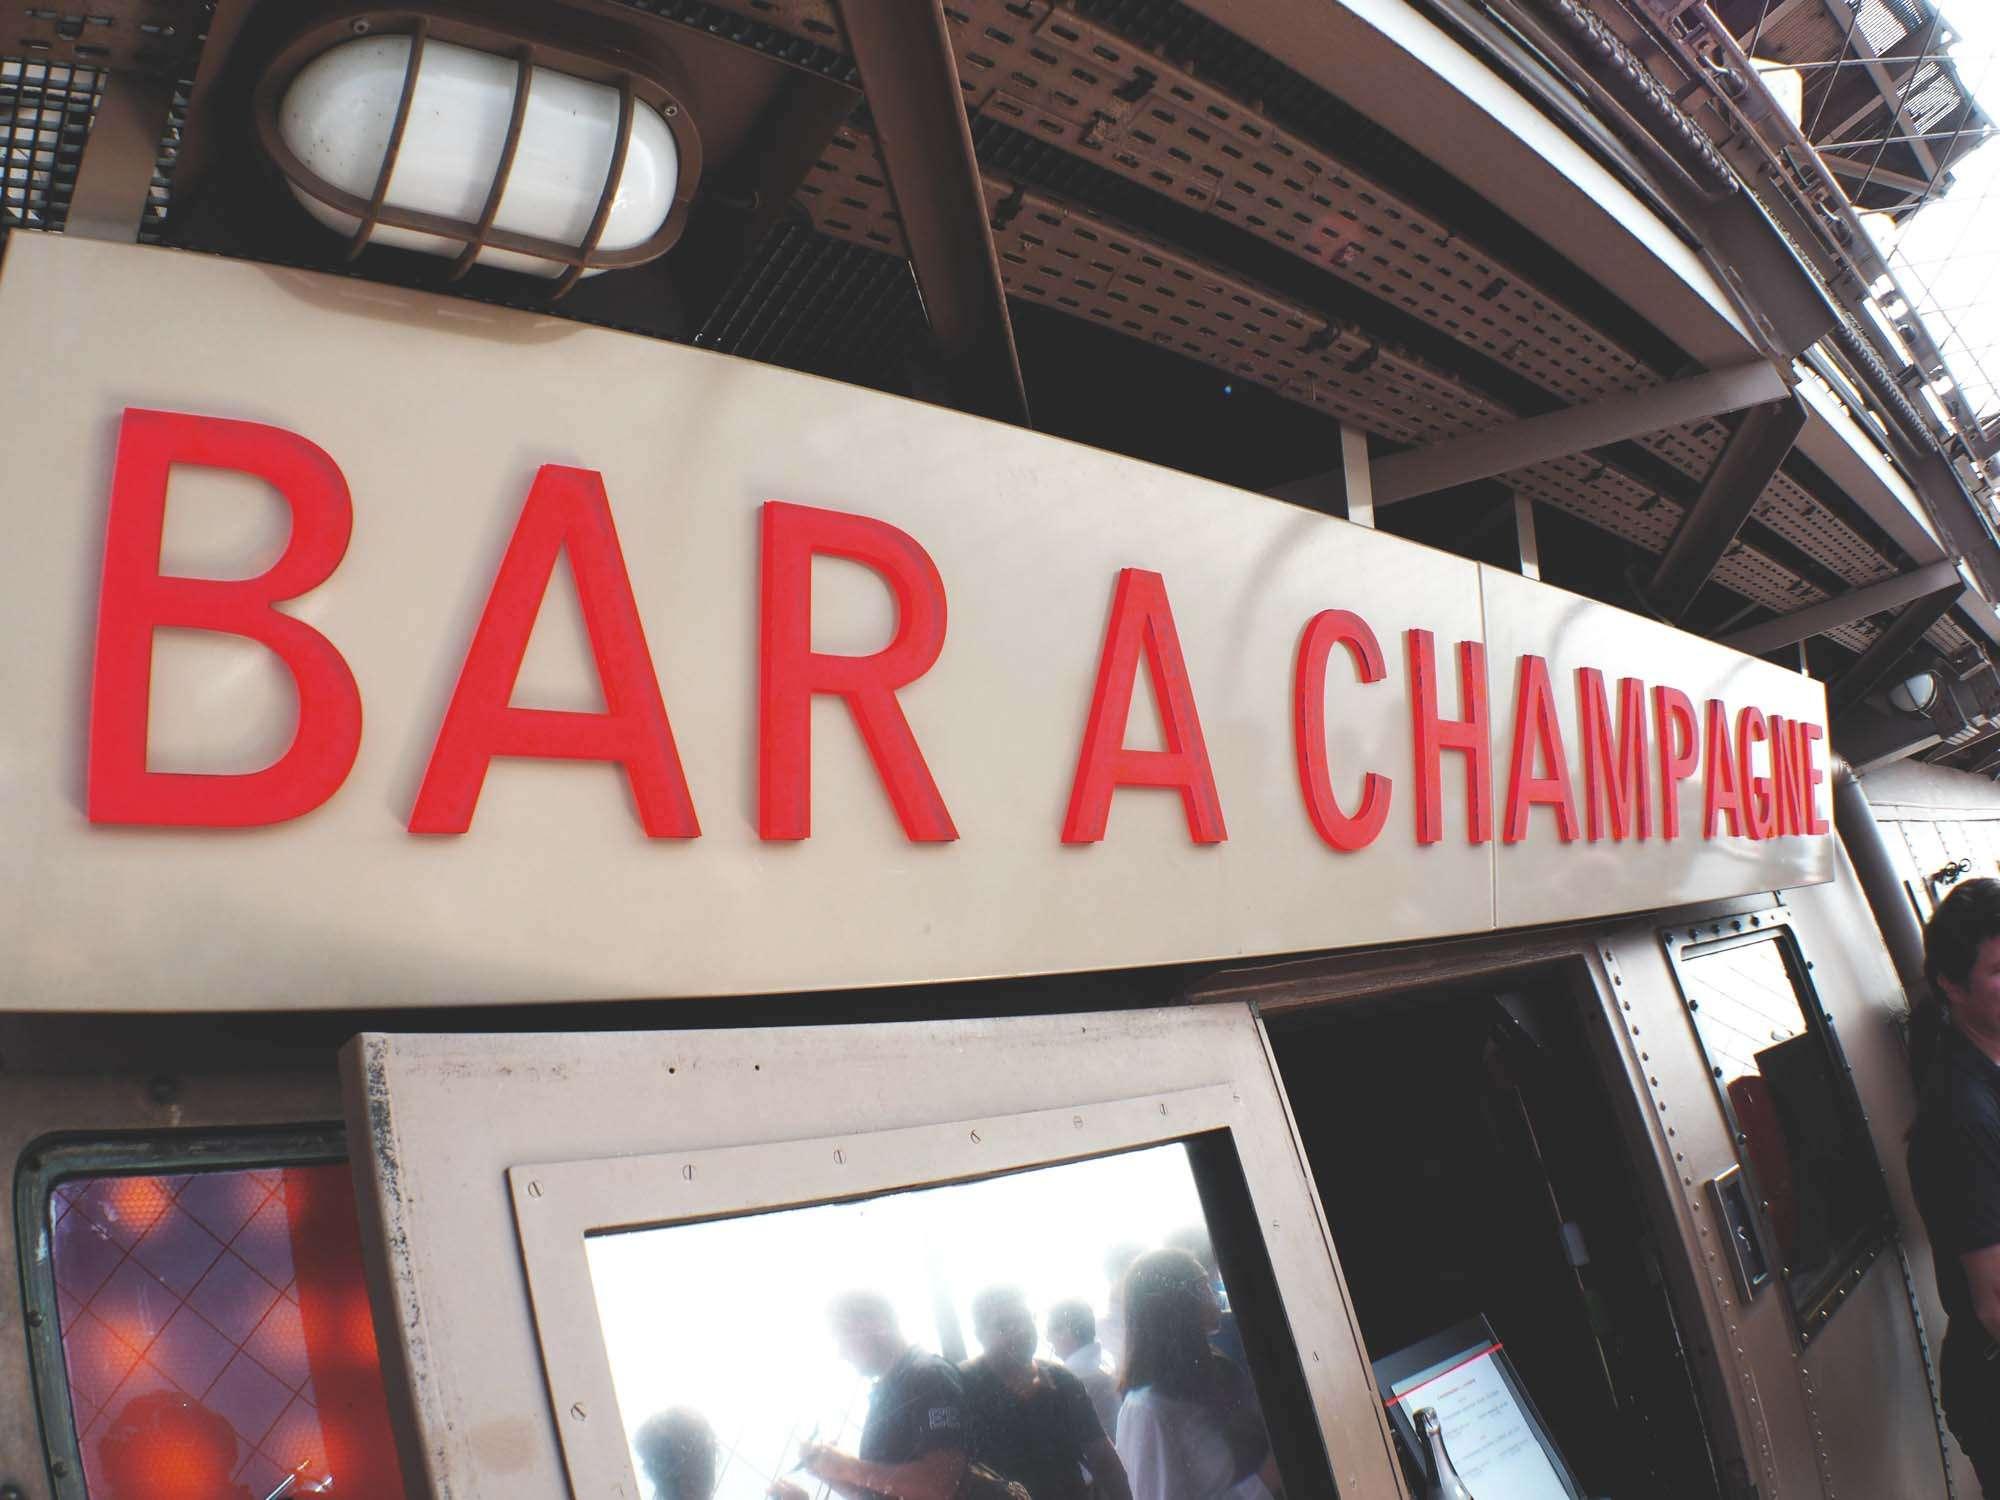 Eiffel Tower Champagne Bar